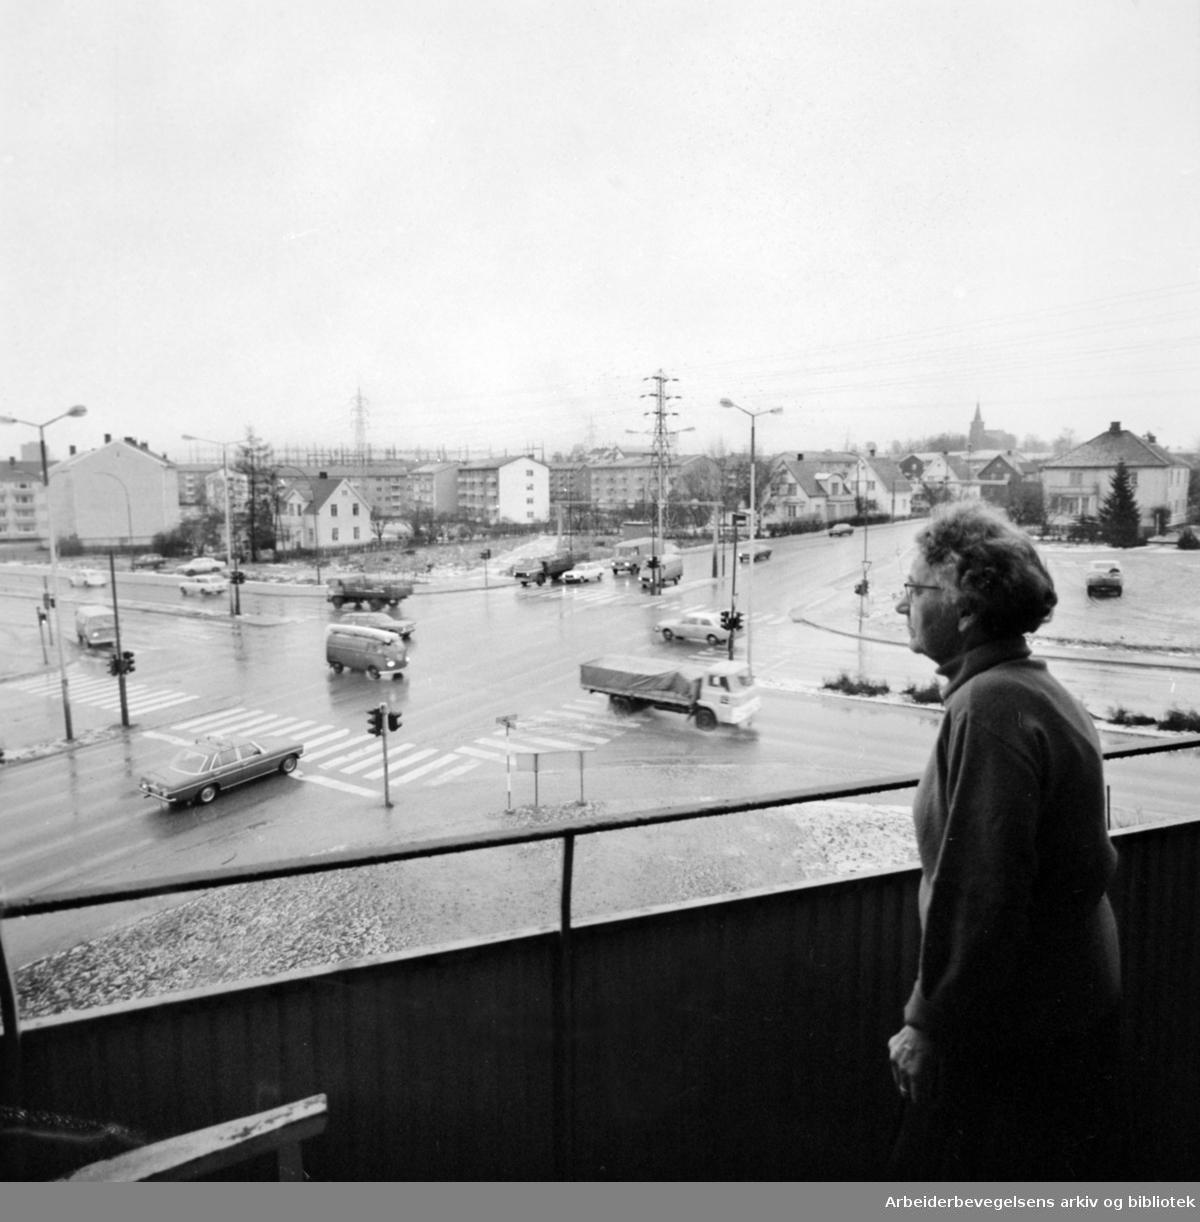 Teisen. Teisengløtt Trygdebolig. Pensjonistene plages av trafikk og eksos. Januar 1975